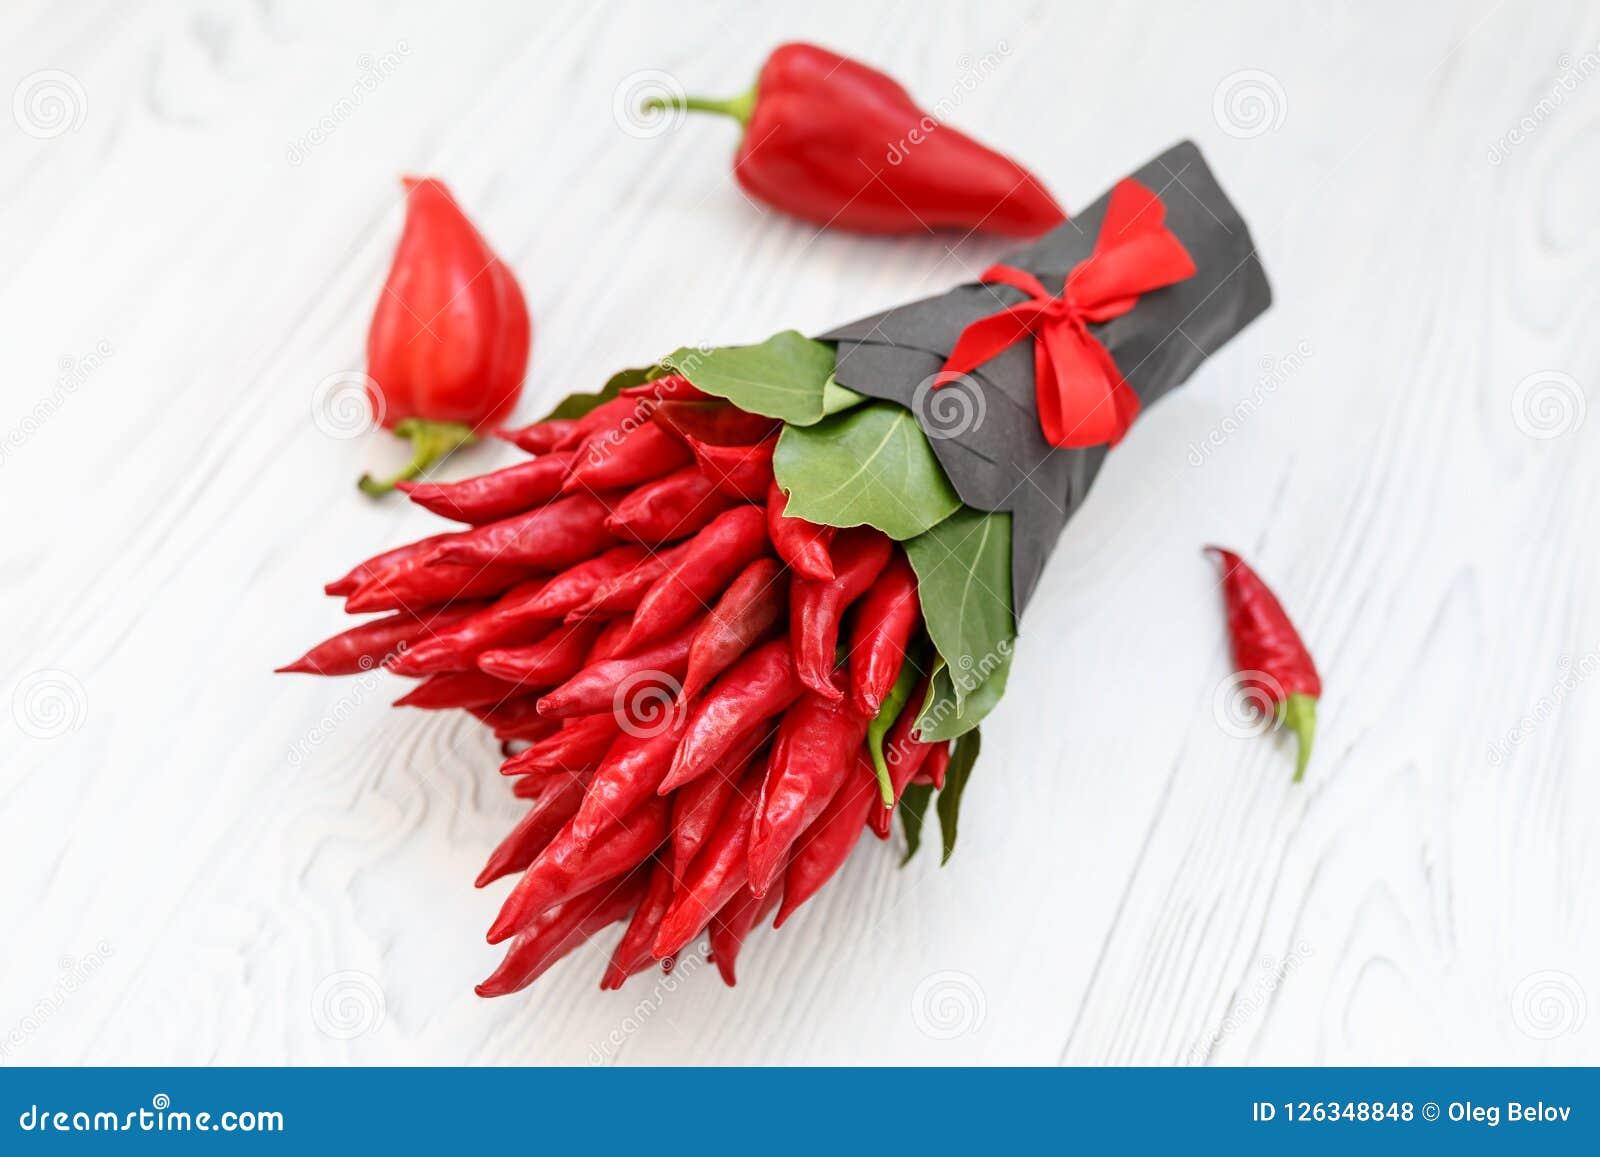 Mazzo Di Fiori Con Peperoncini.Small Bouquet Made Of Hot Chilli Pepper And The Bay Leaves On A